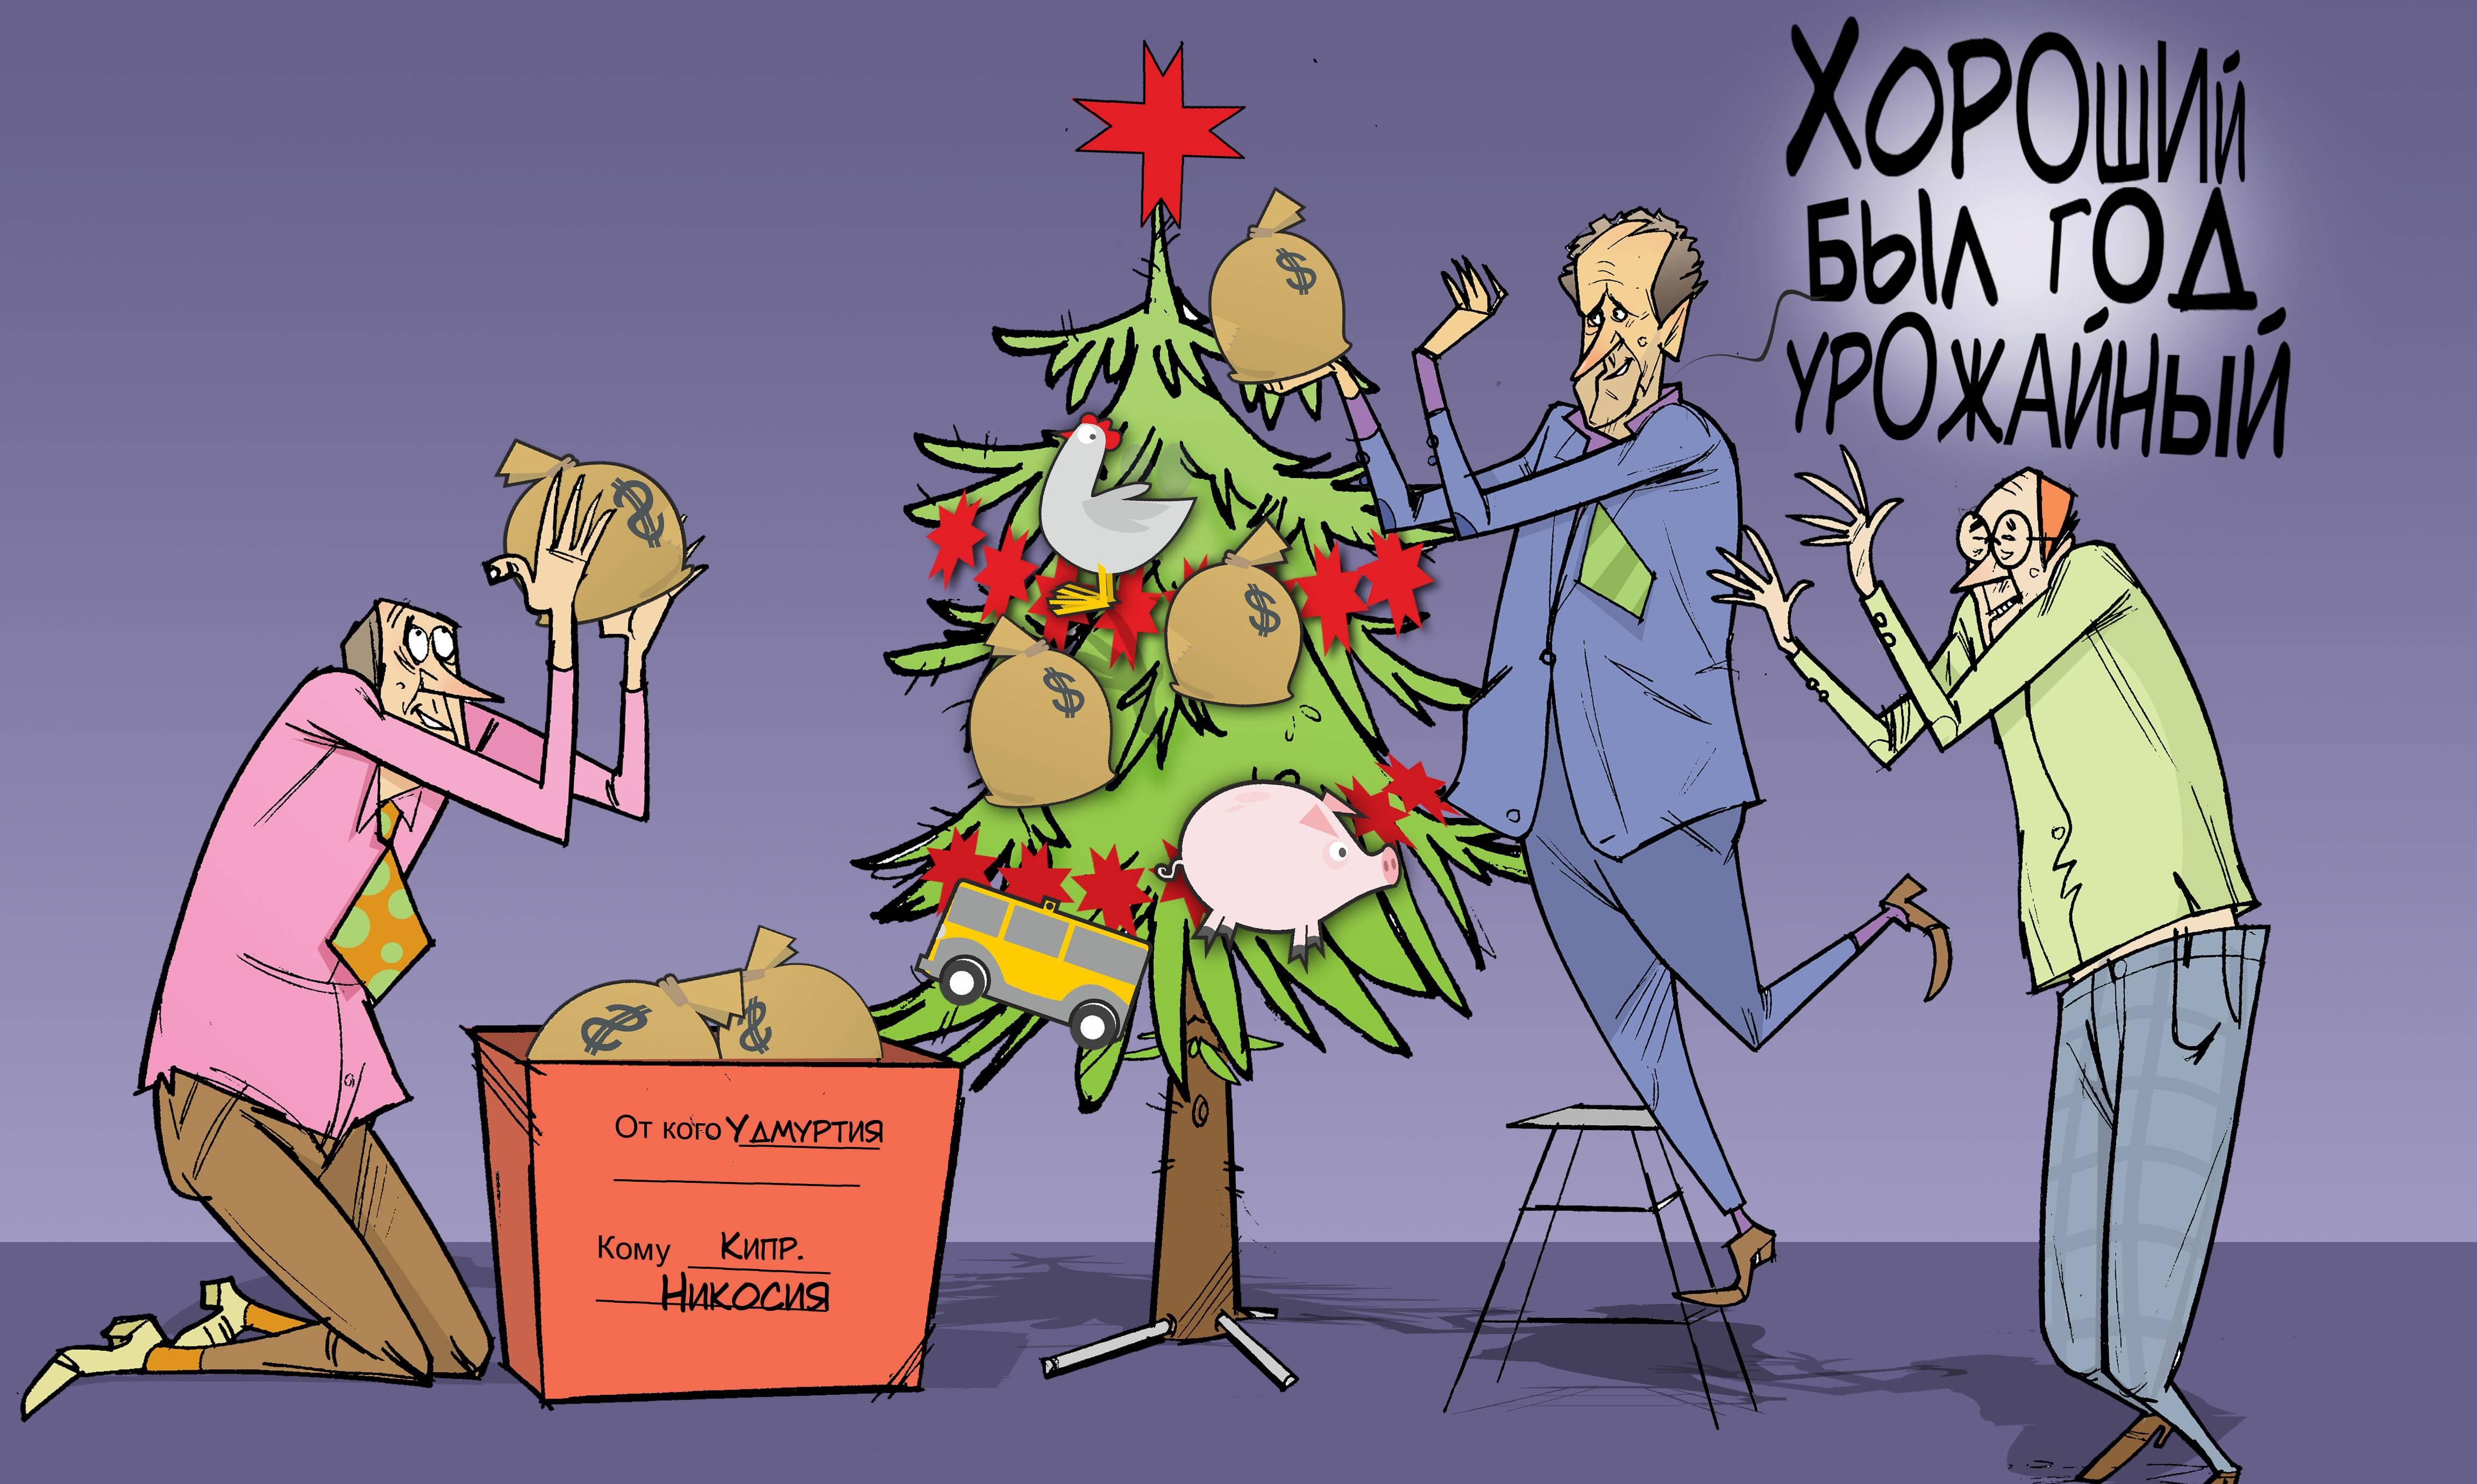 """Урожайный год. #ПрезидентУР #Волков #Удмуртия #Кипр © Газета """"День"""" 2013"""